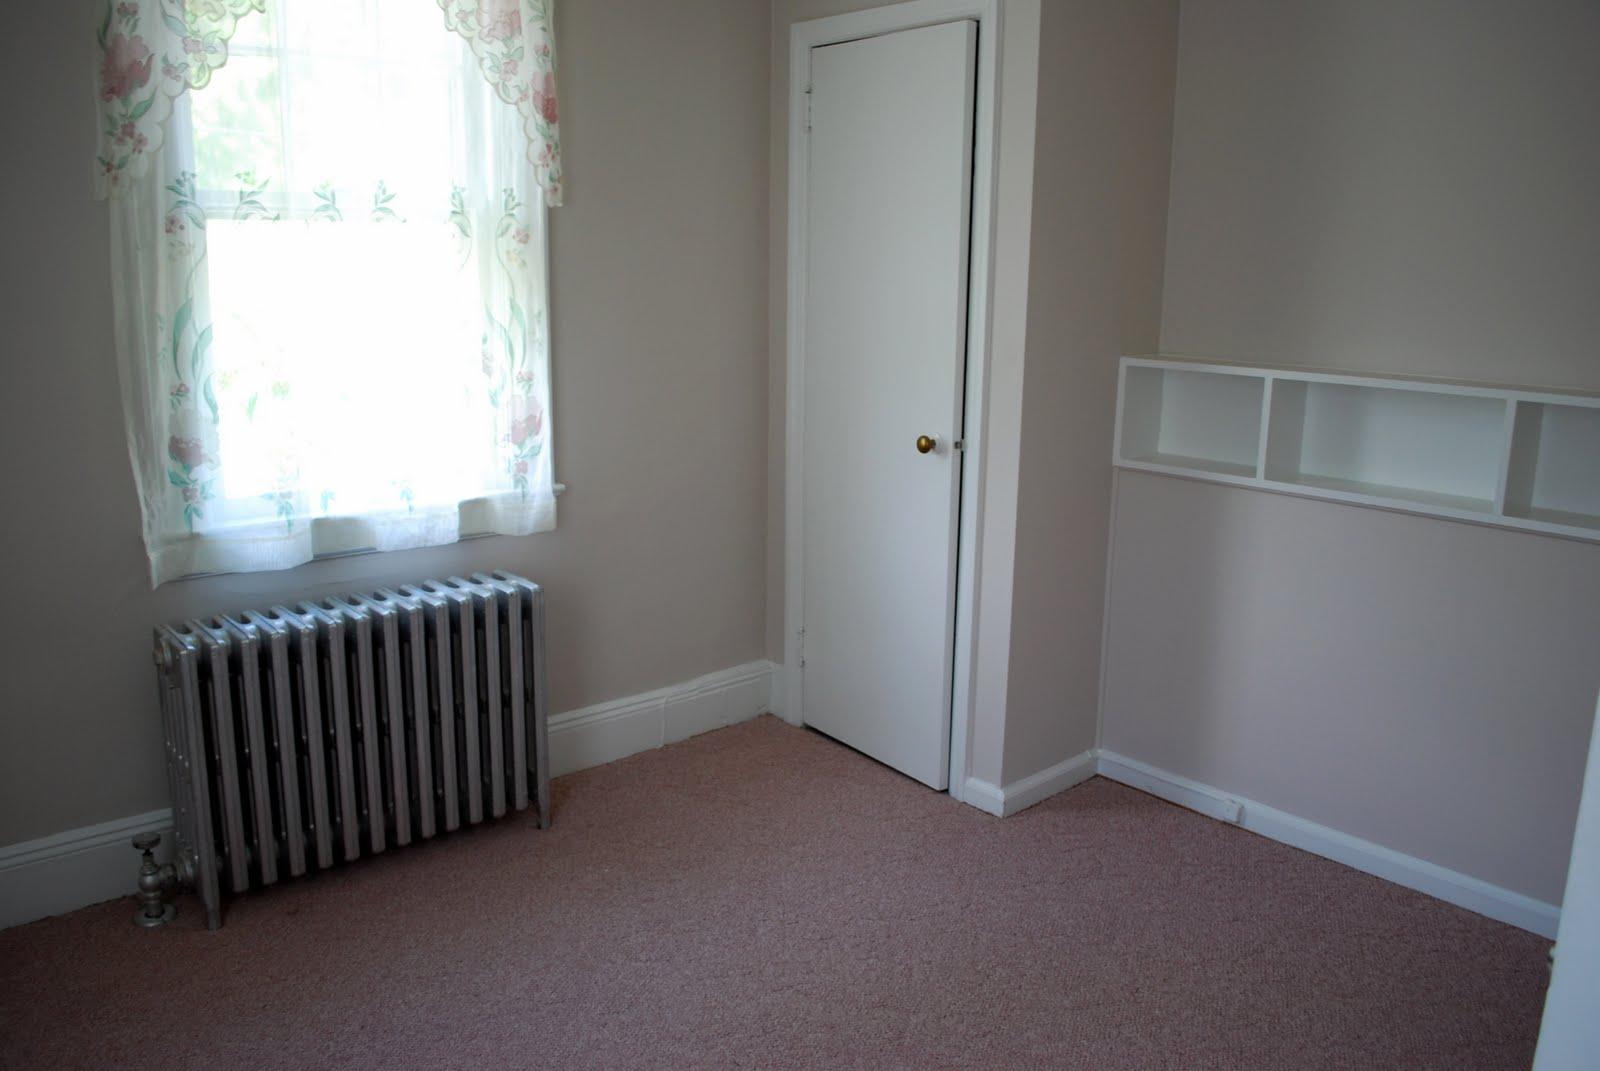 Exceptional Little Girl Wallpaper For Bedroom #9: DSC_6101.JPG